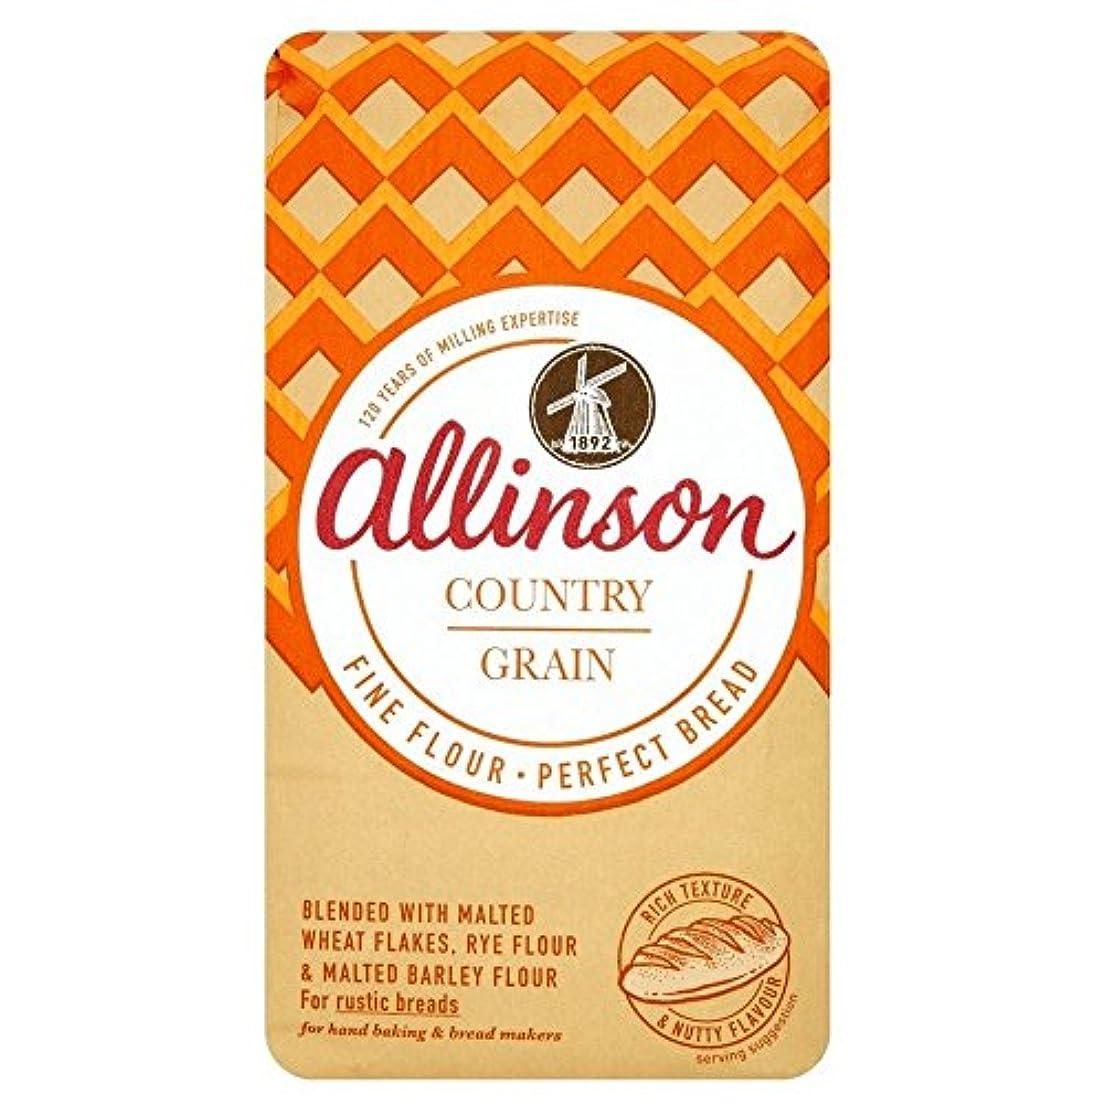 ハブブやさしく病的Allinson Country Grain Strong Bread Flour (1Kg) アリンソンの国穀物強い強力粉( 1キロ)